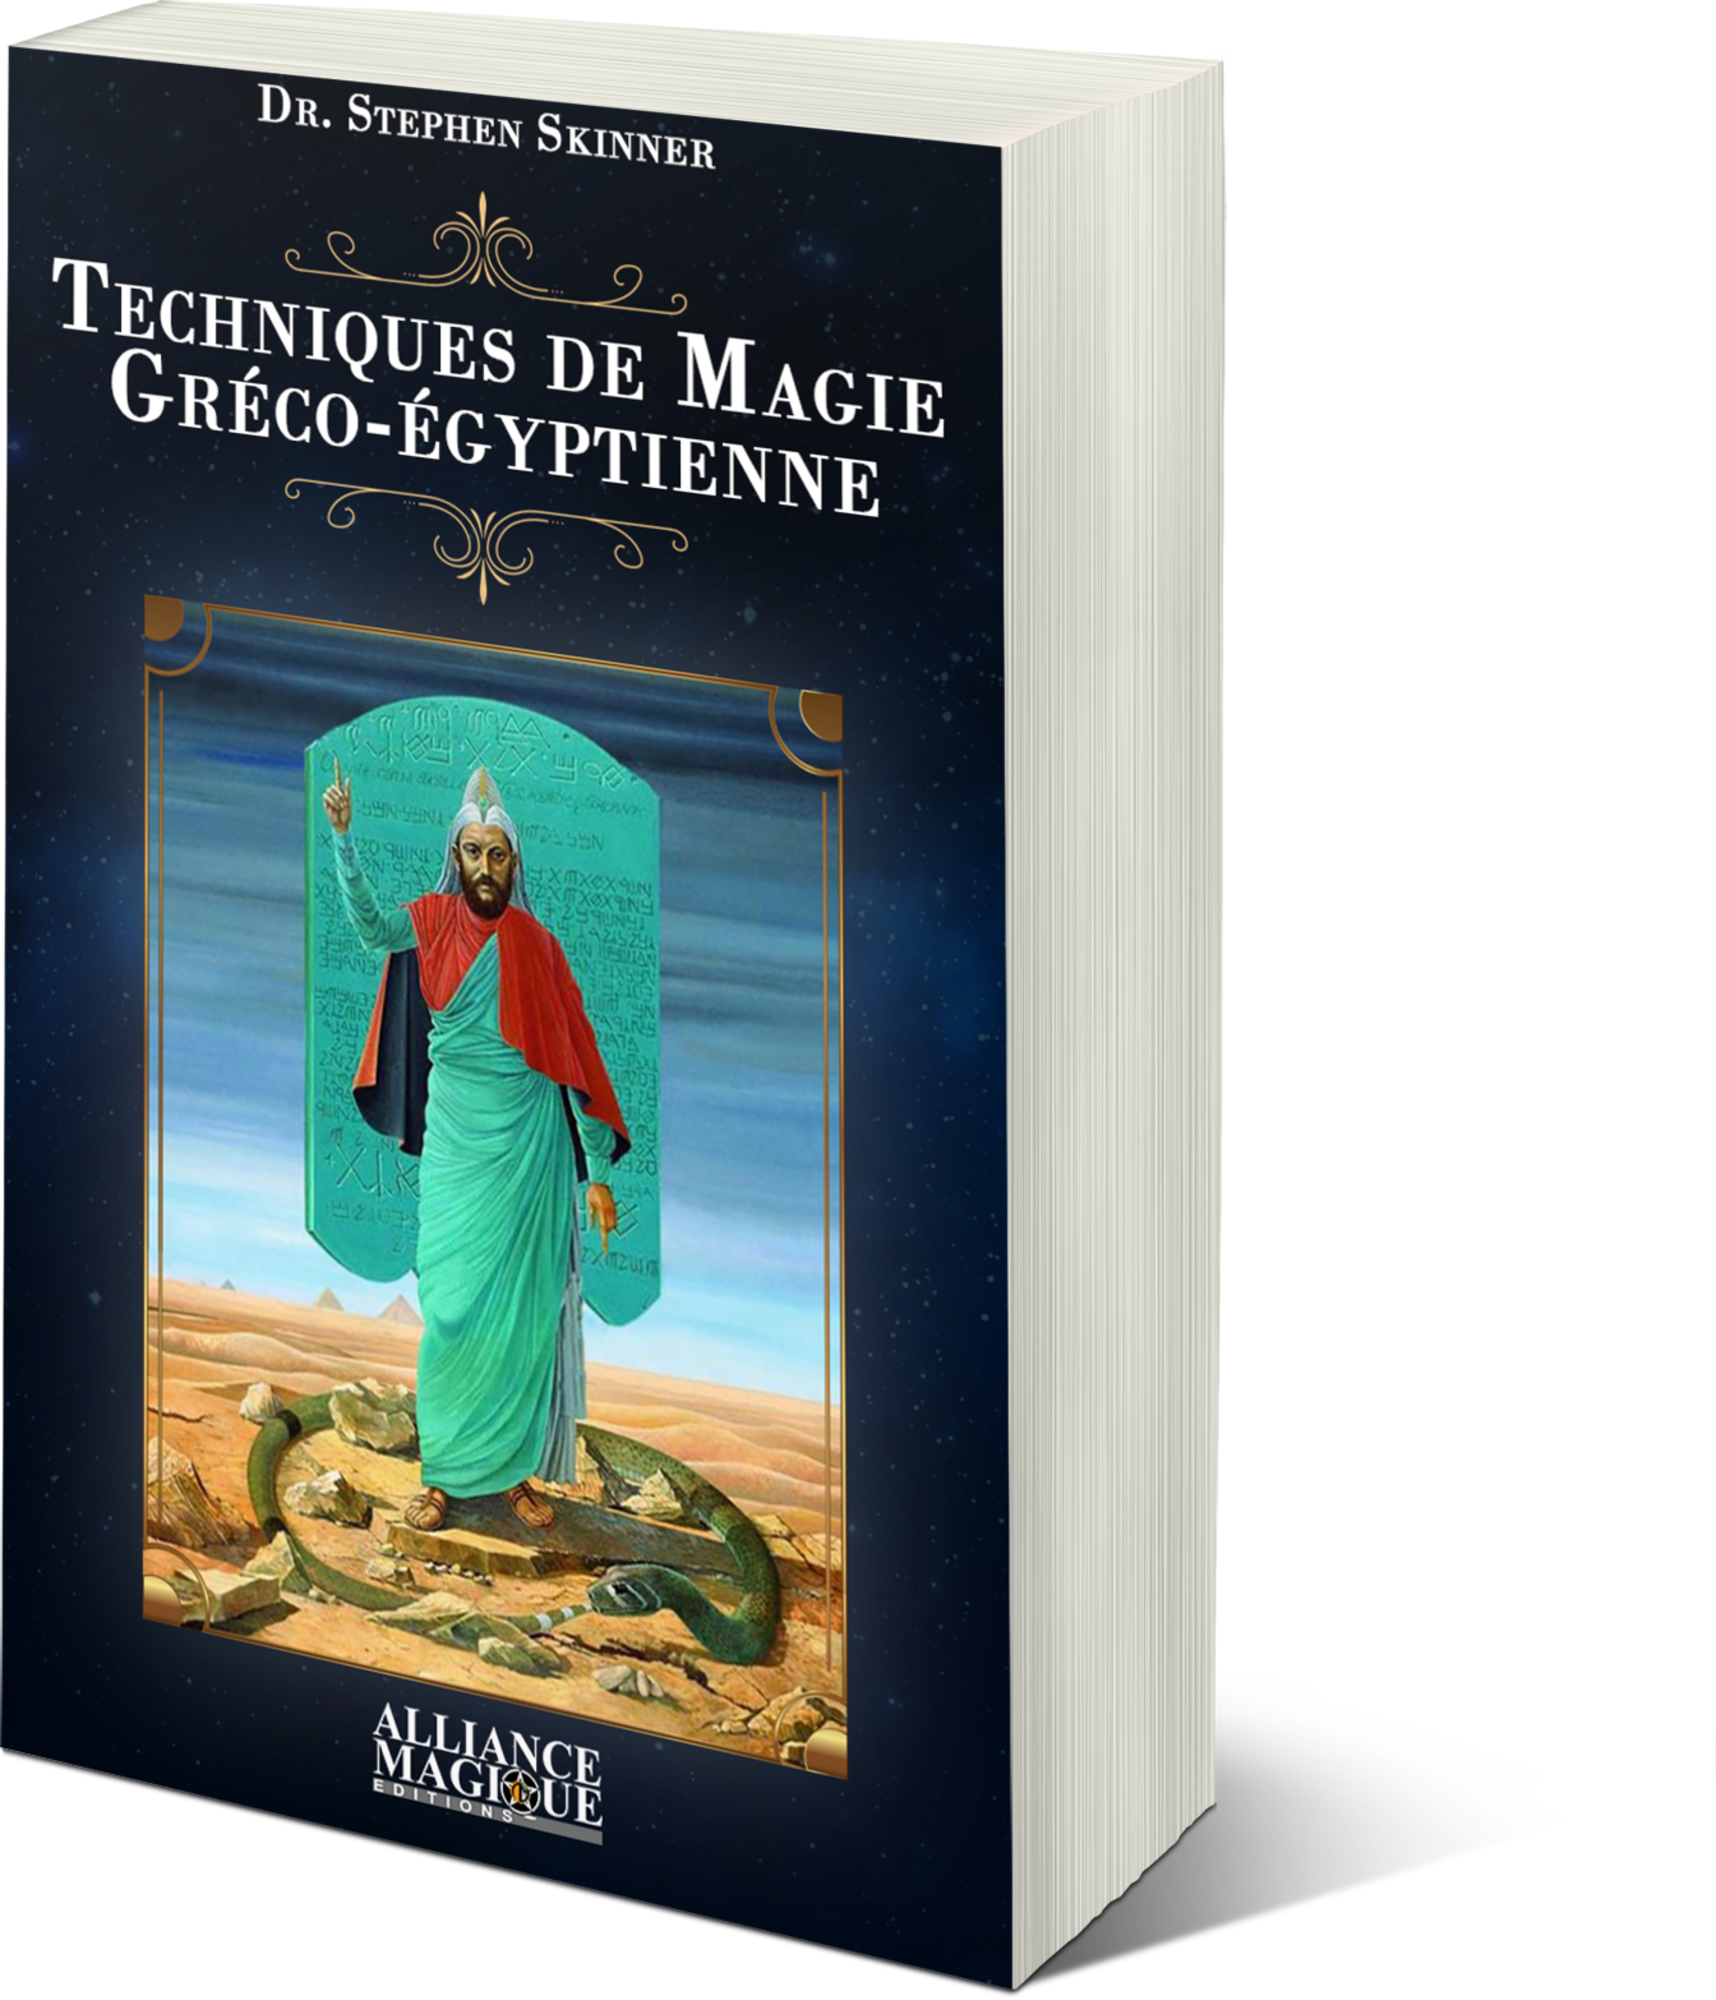 Techniques de Magie Greco-Égyptienne, Dr Stephen Skinner 731102couvtechniques